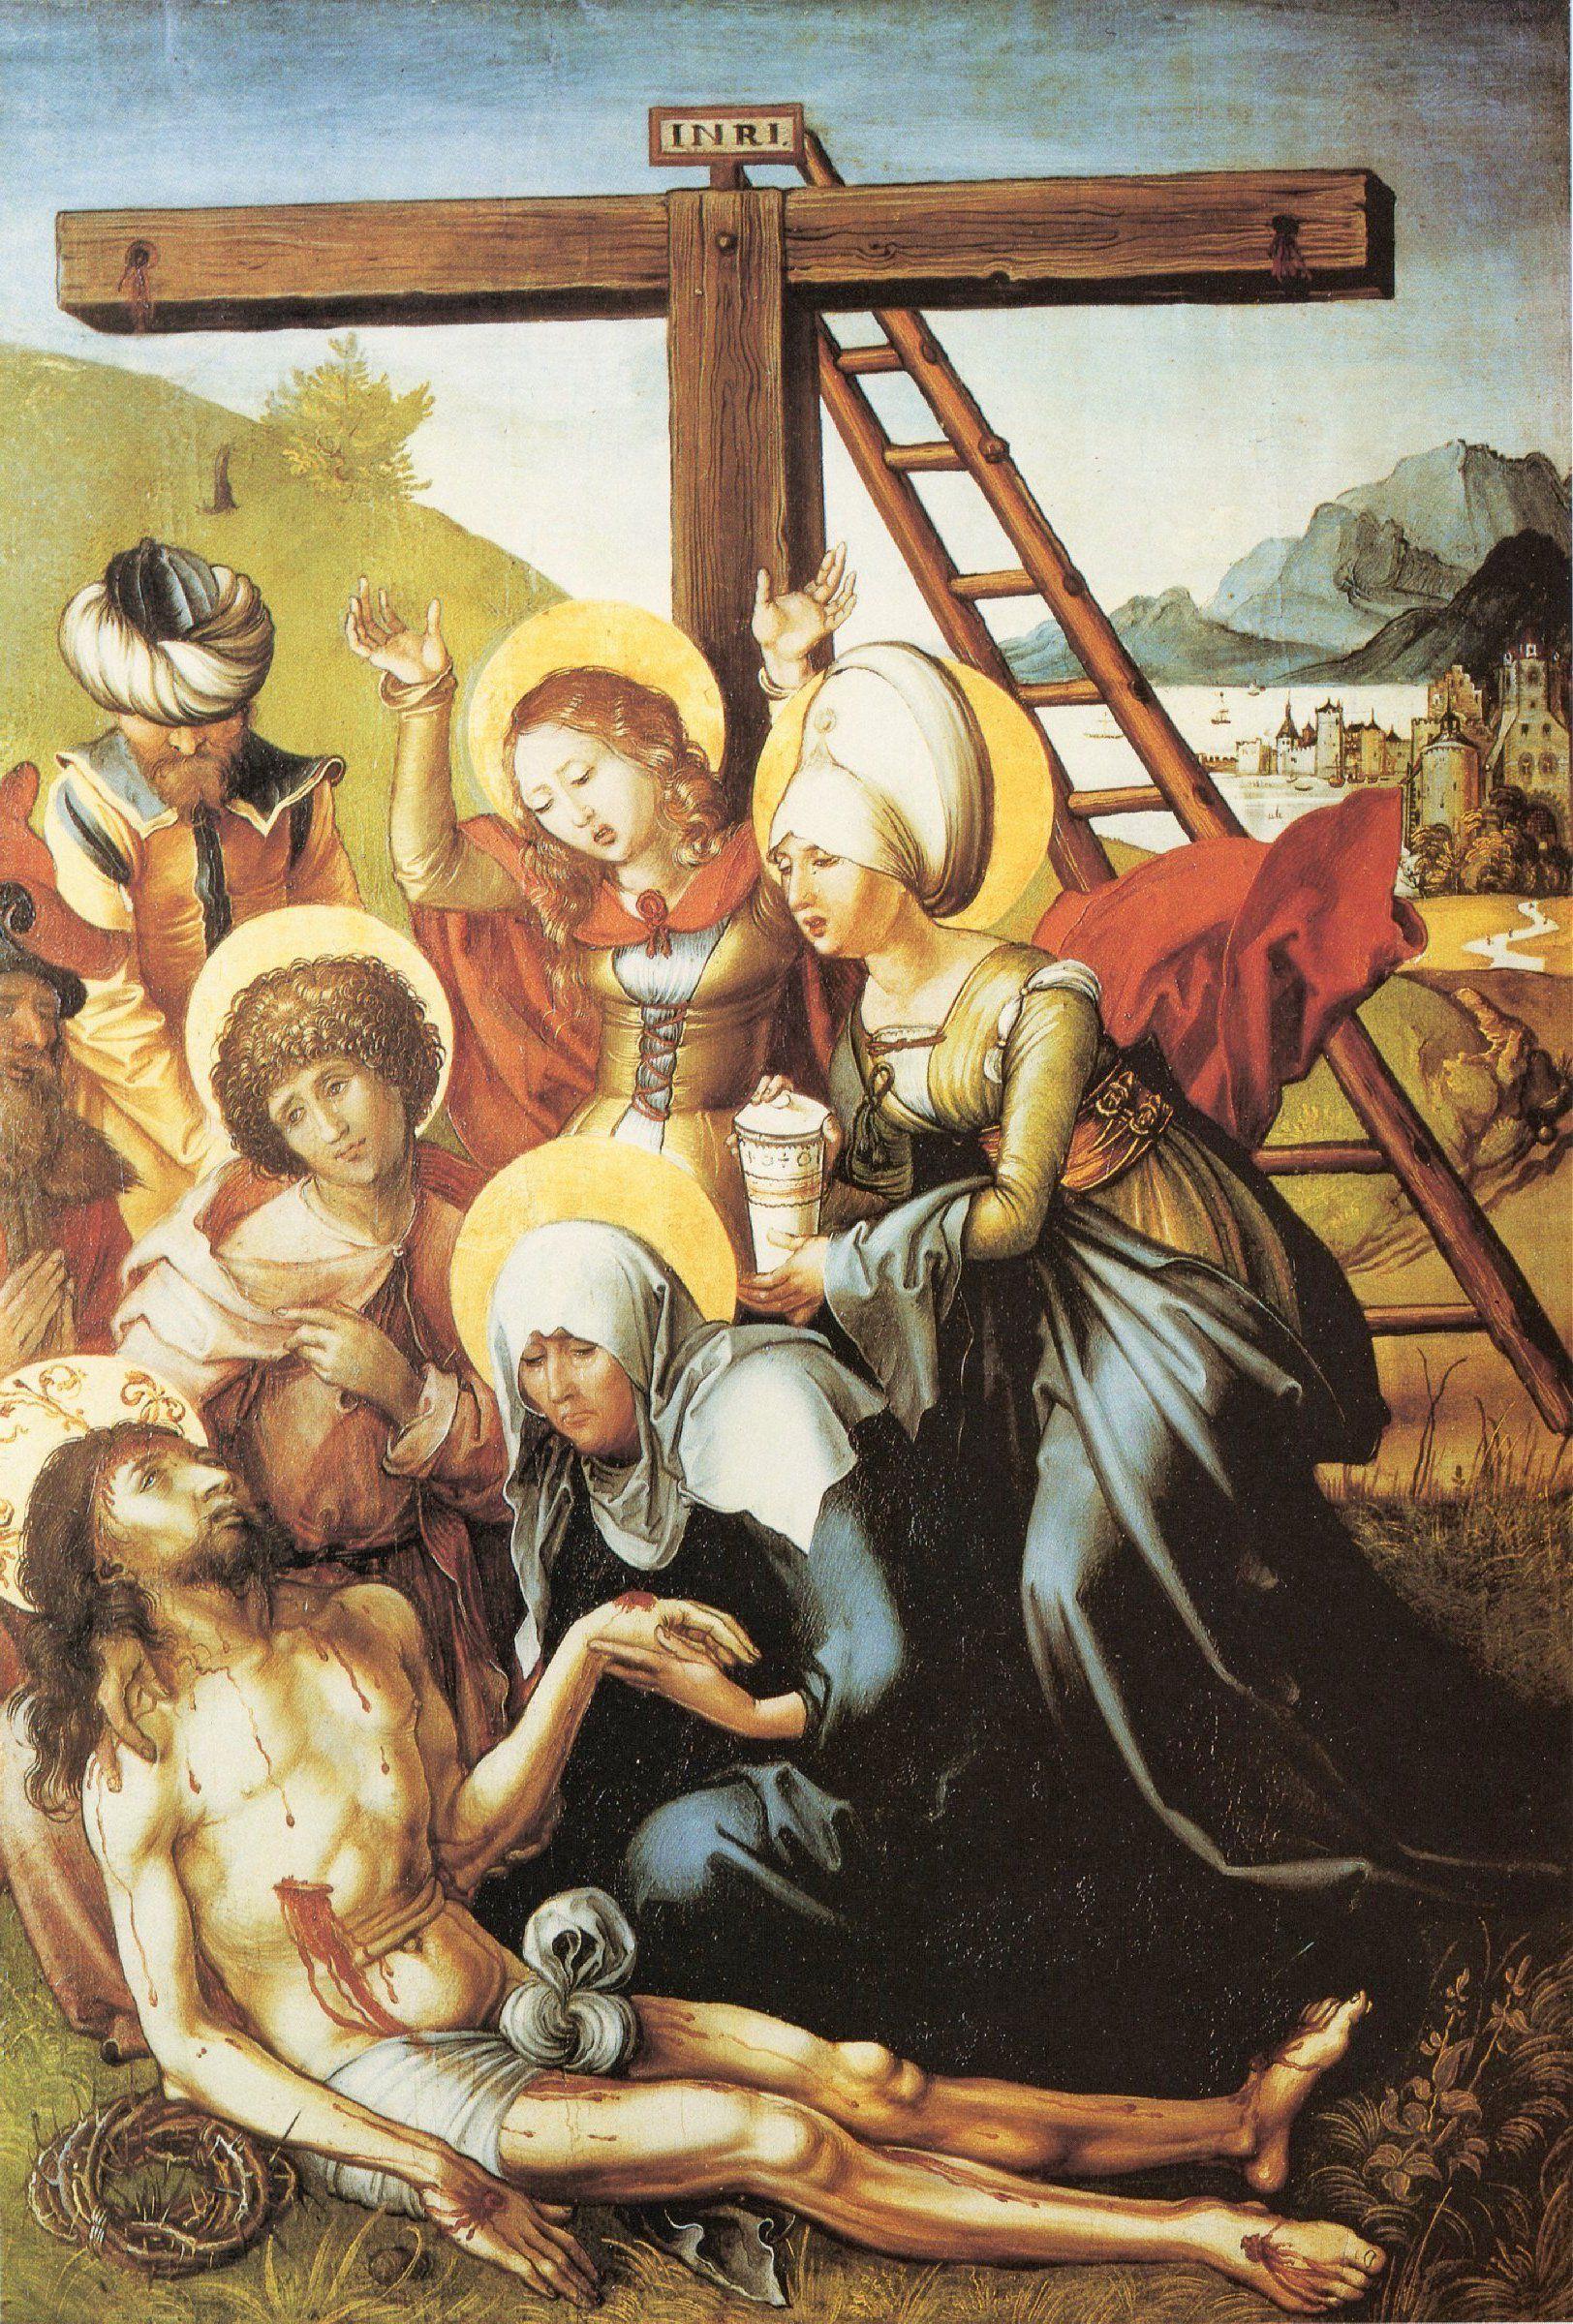 Bildergebnis für Albrecht dürer, religion